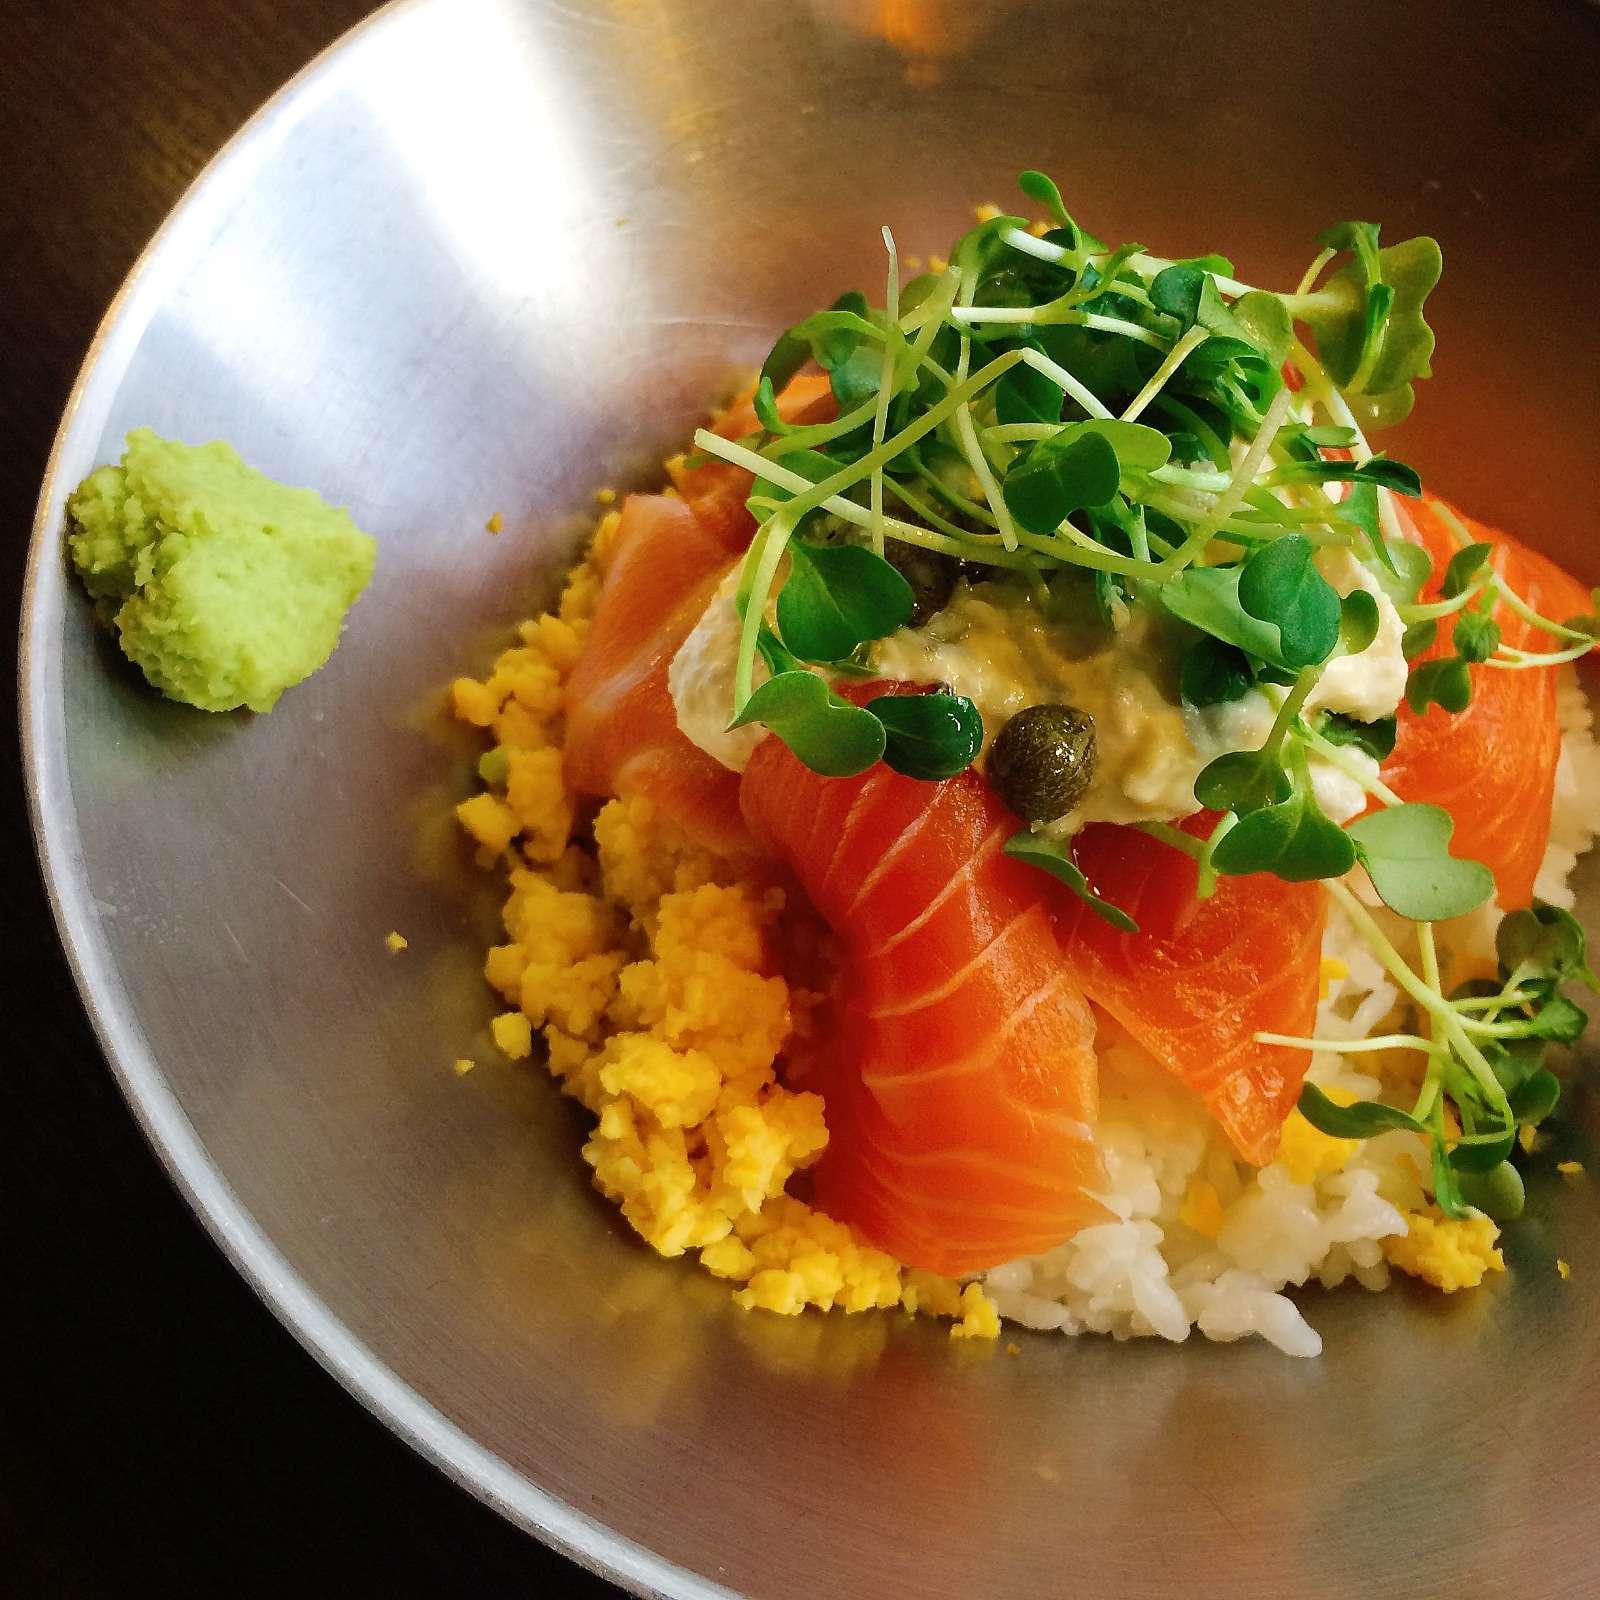 第三款是鮭魚片蓋飯,與第一款不同的是這道吃起來是真的像日式料理。